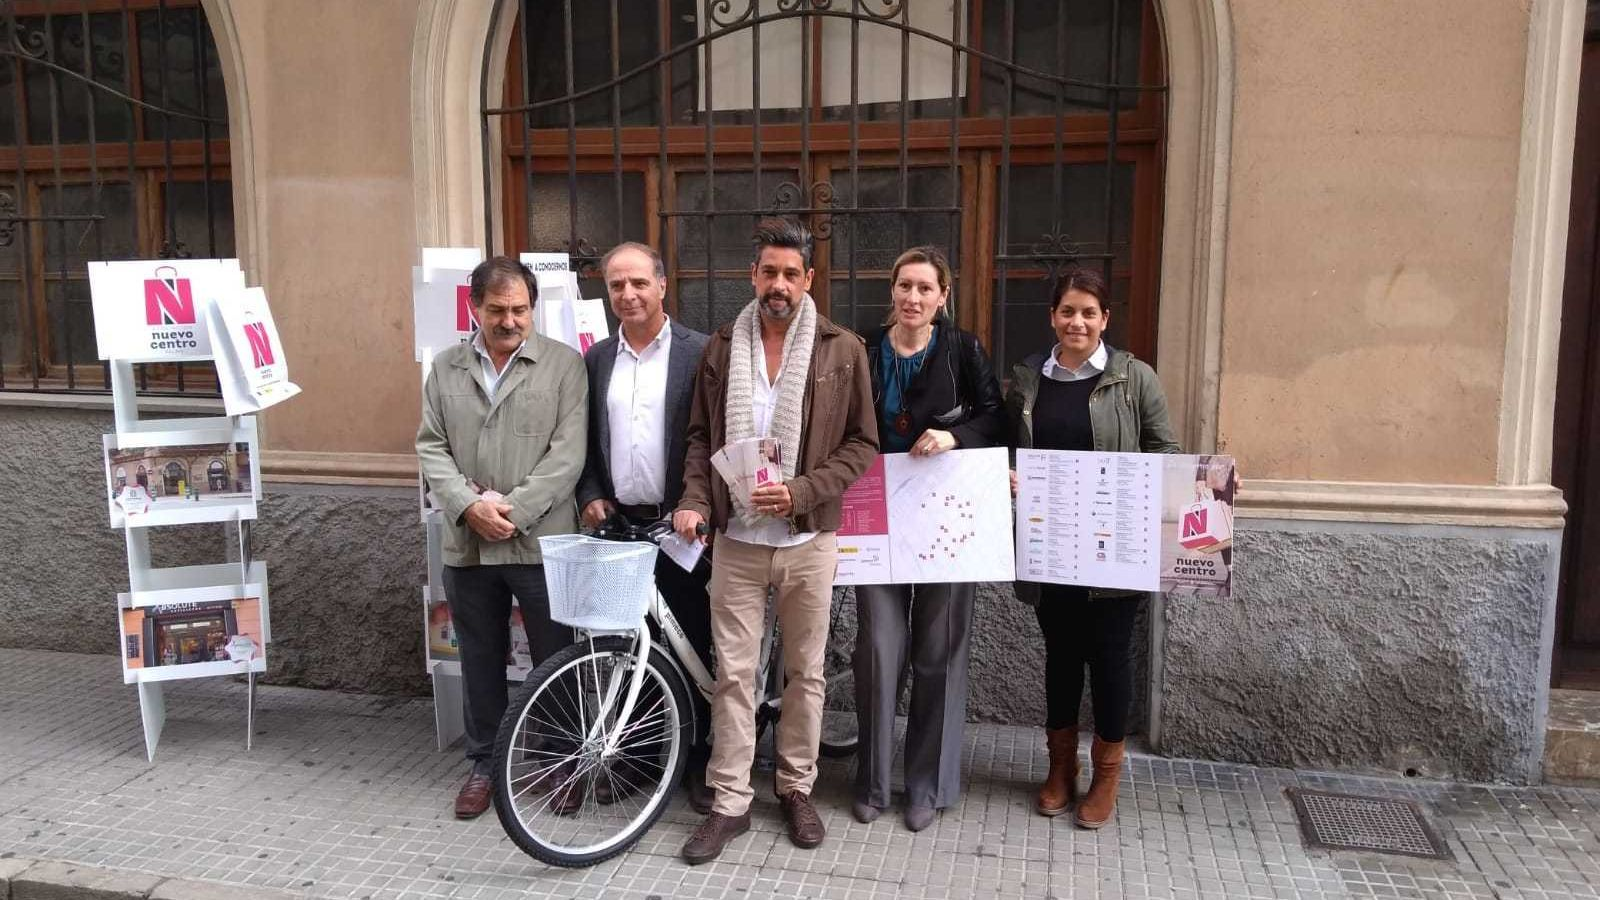 Els responsables de Pimeco, Cambra de Comerç i Nou centre durant la presentació d'aquest dijous.